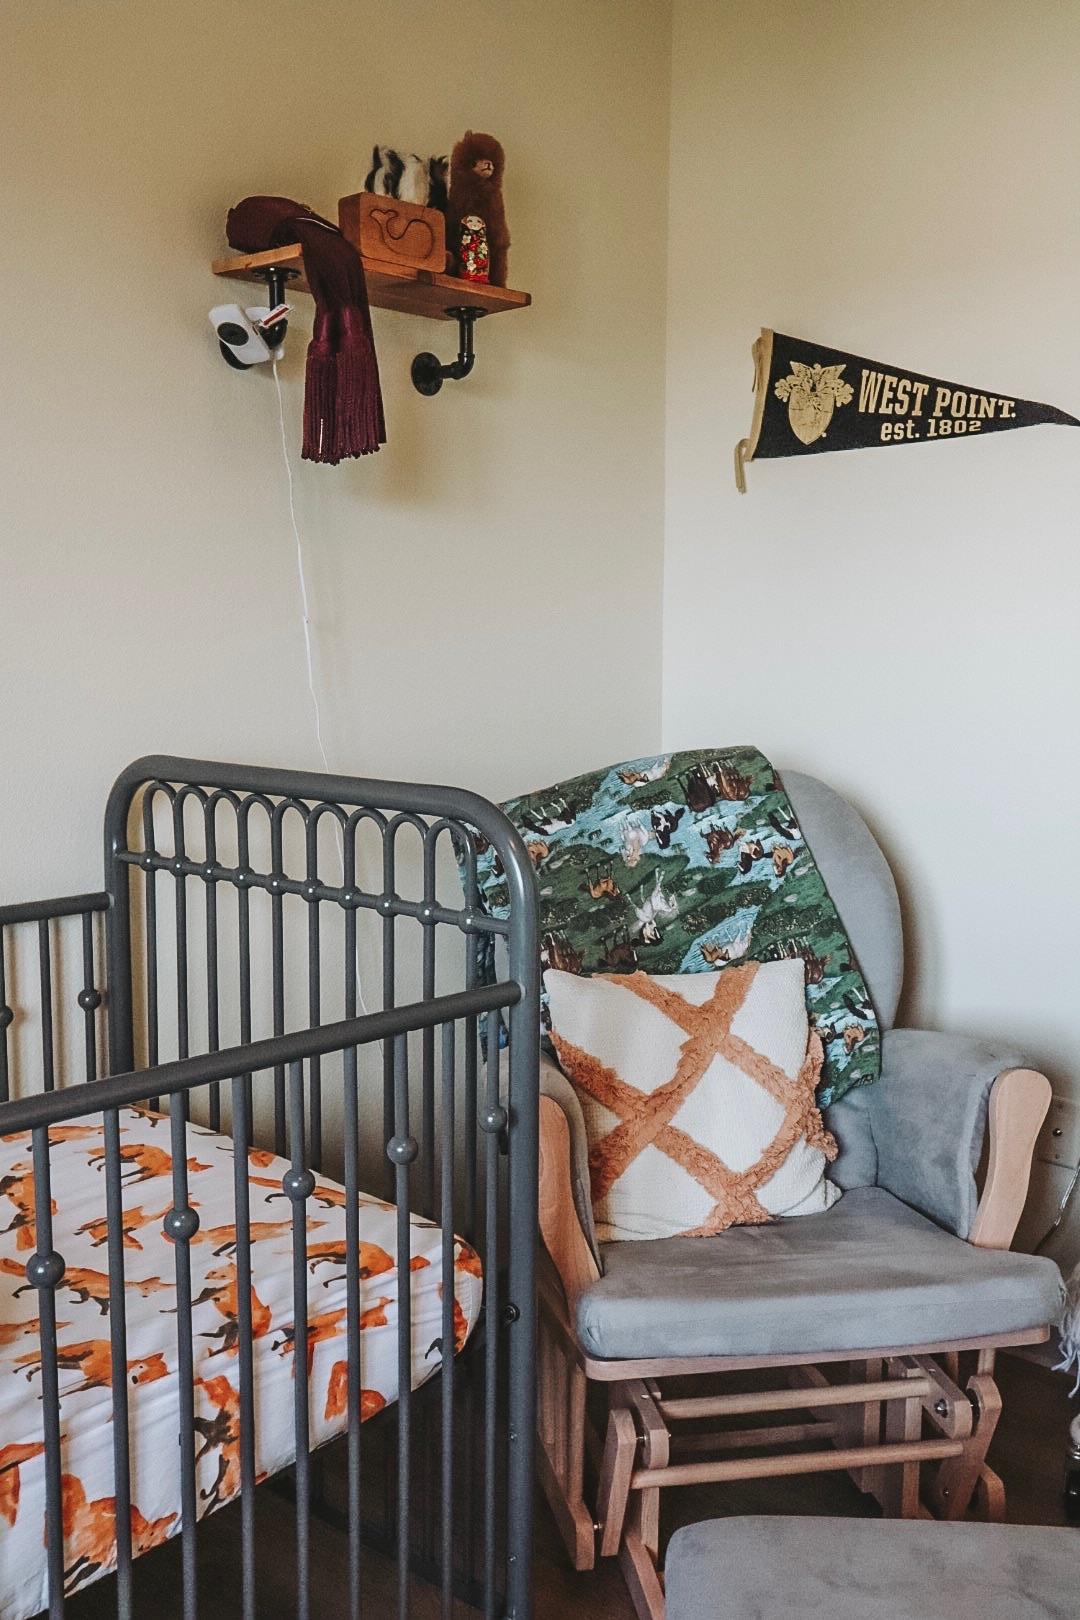 Jasper's Nursery: Eclectic Boho Baby Boy Nursery